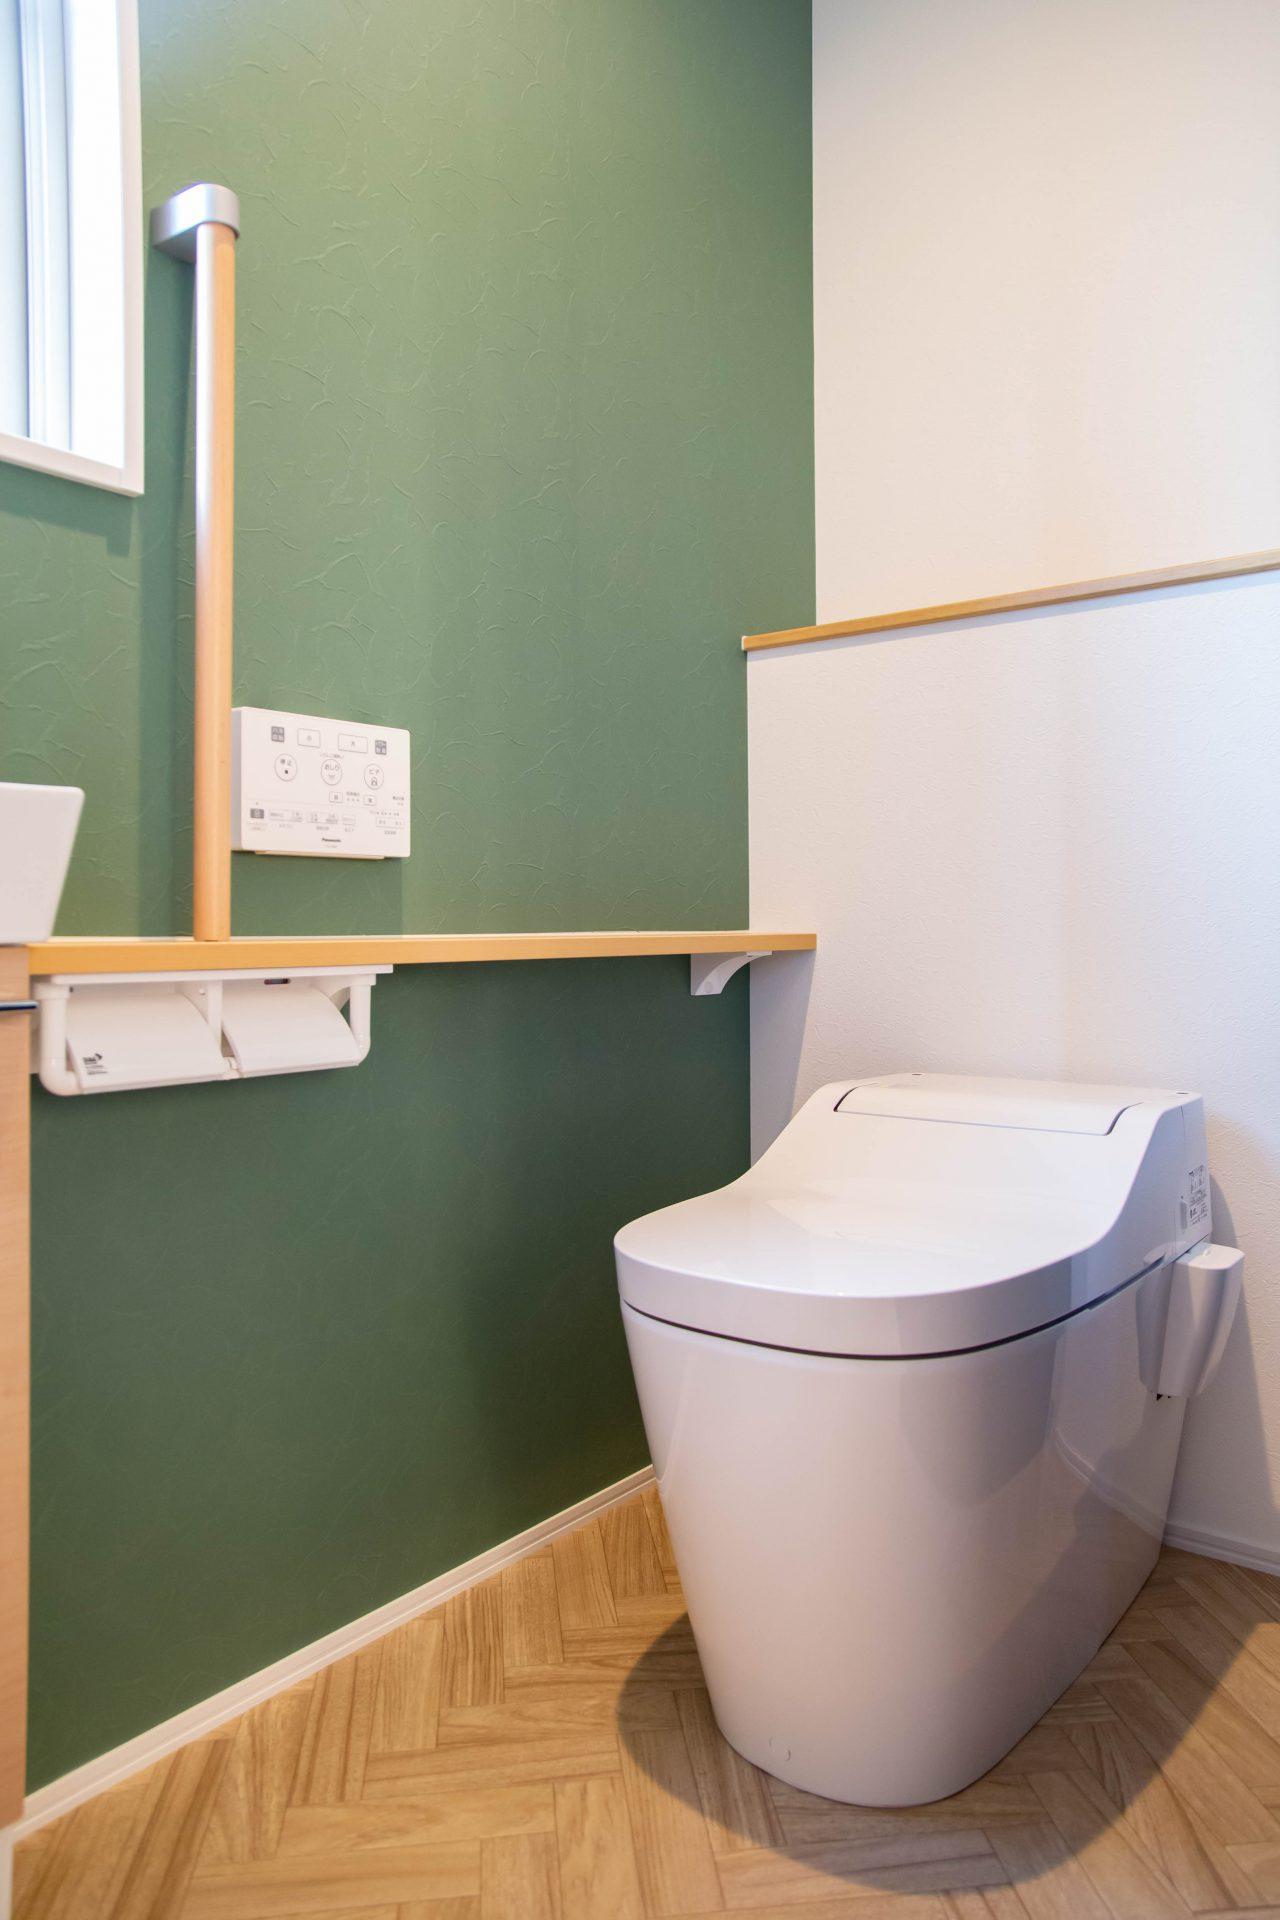 グリーン✖︎ヘリボーンのお洒落なトイレ空間